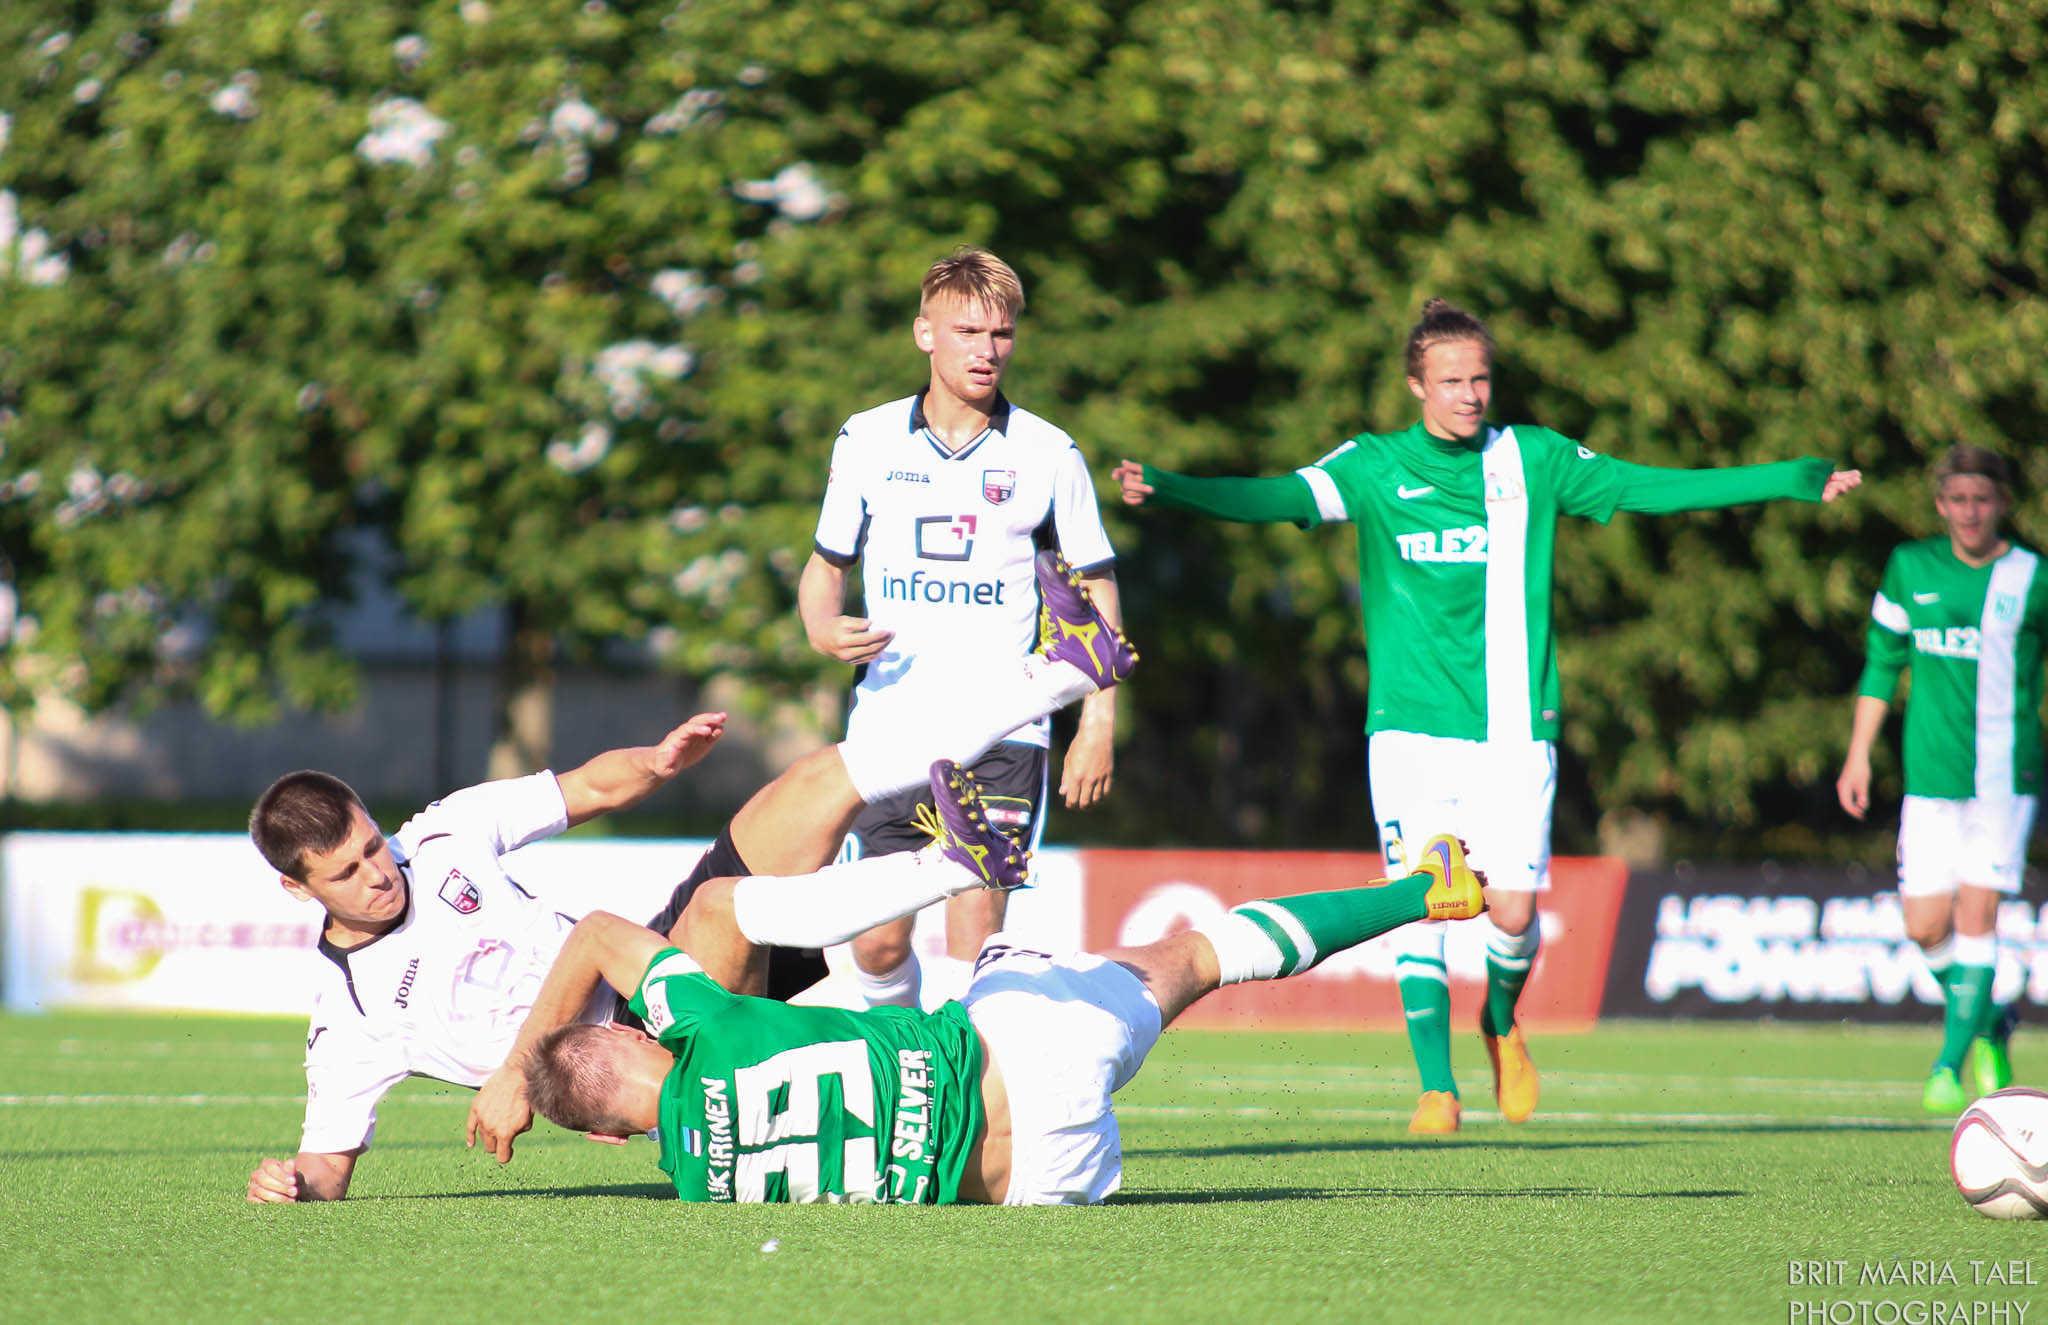 FC Infonet II - FC Flora II